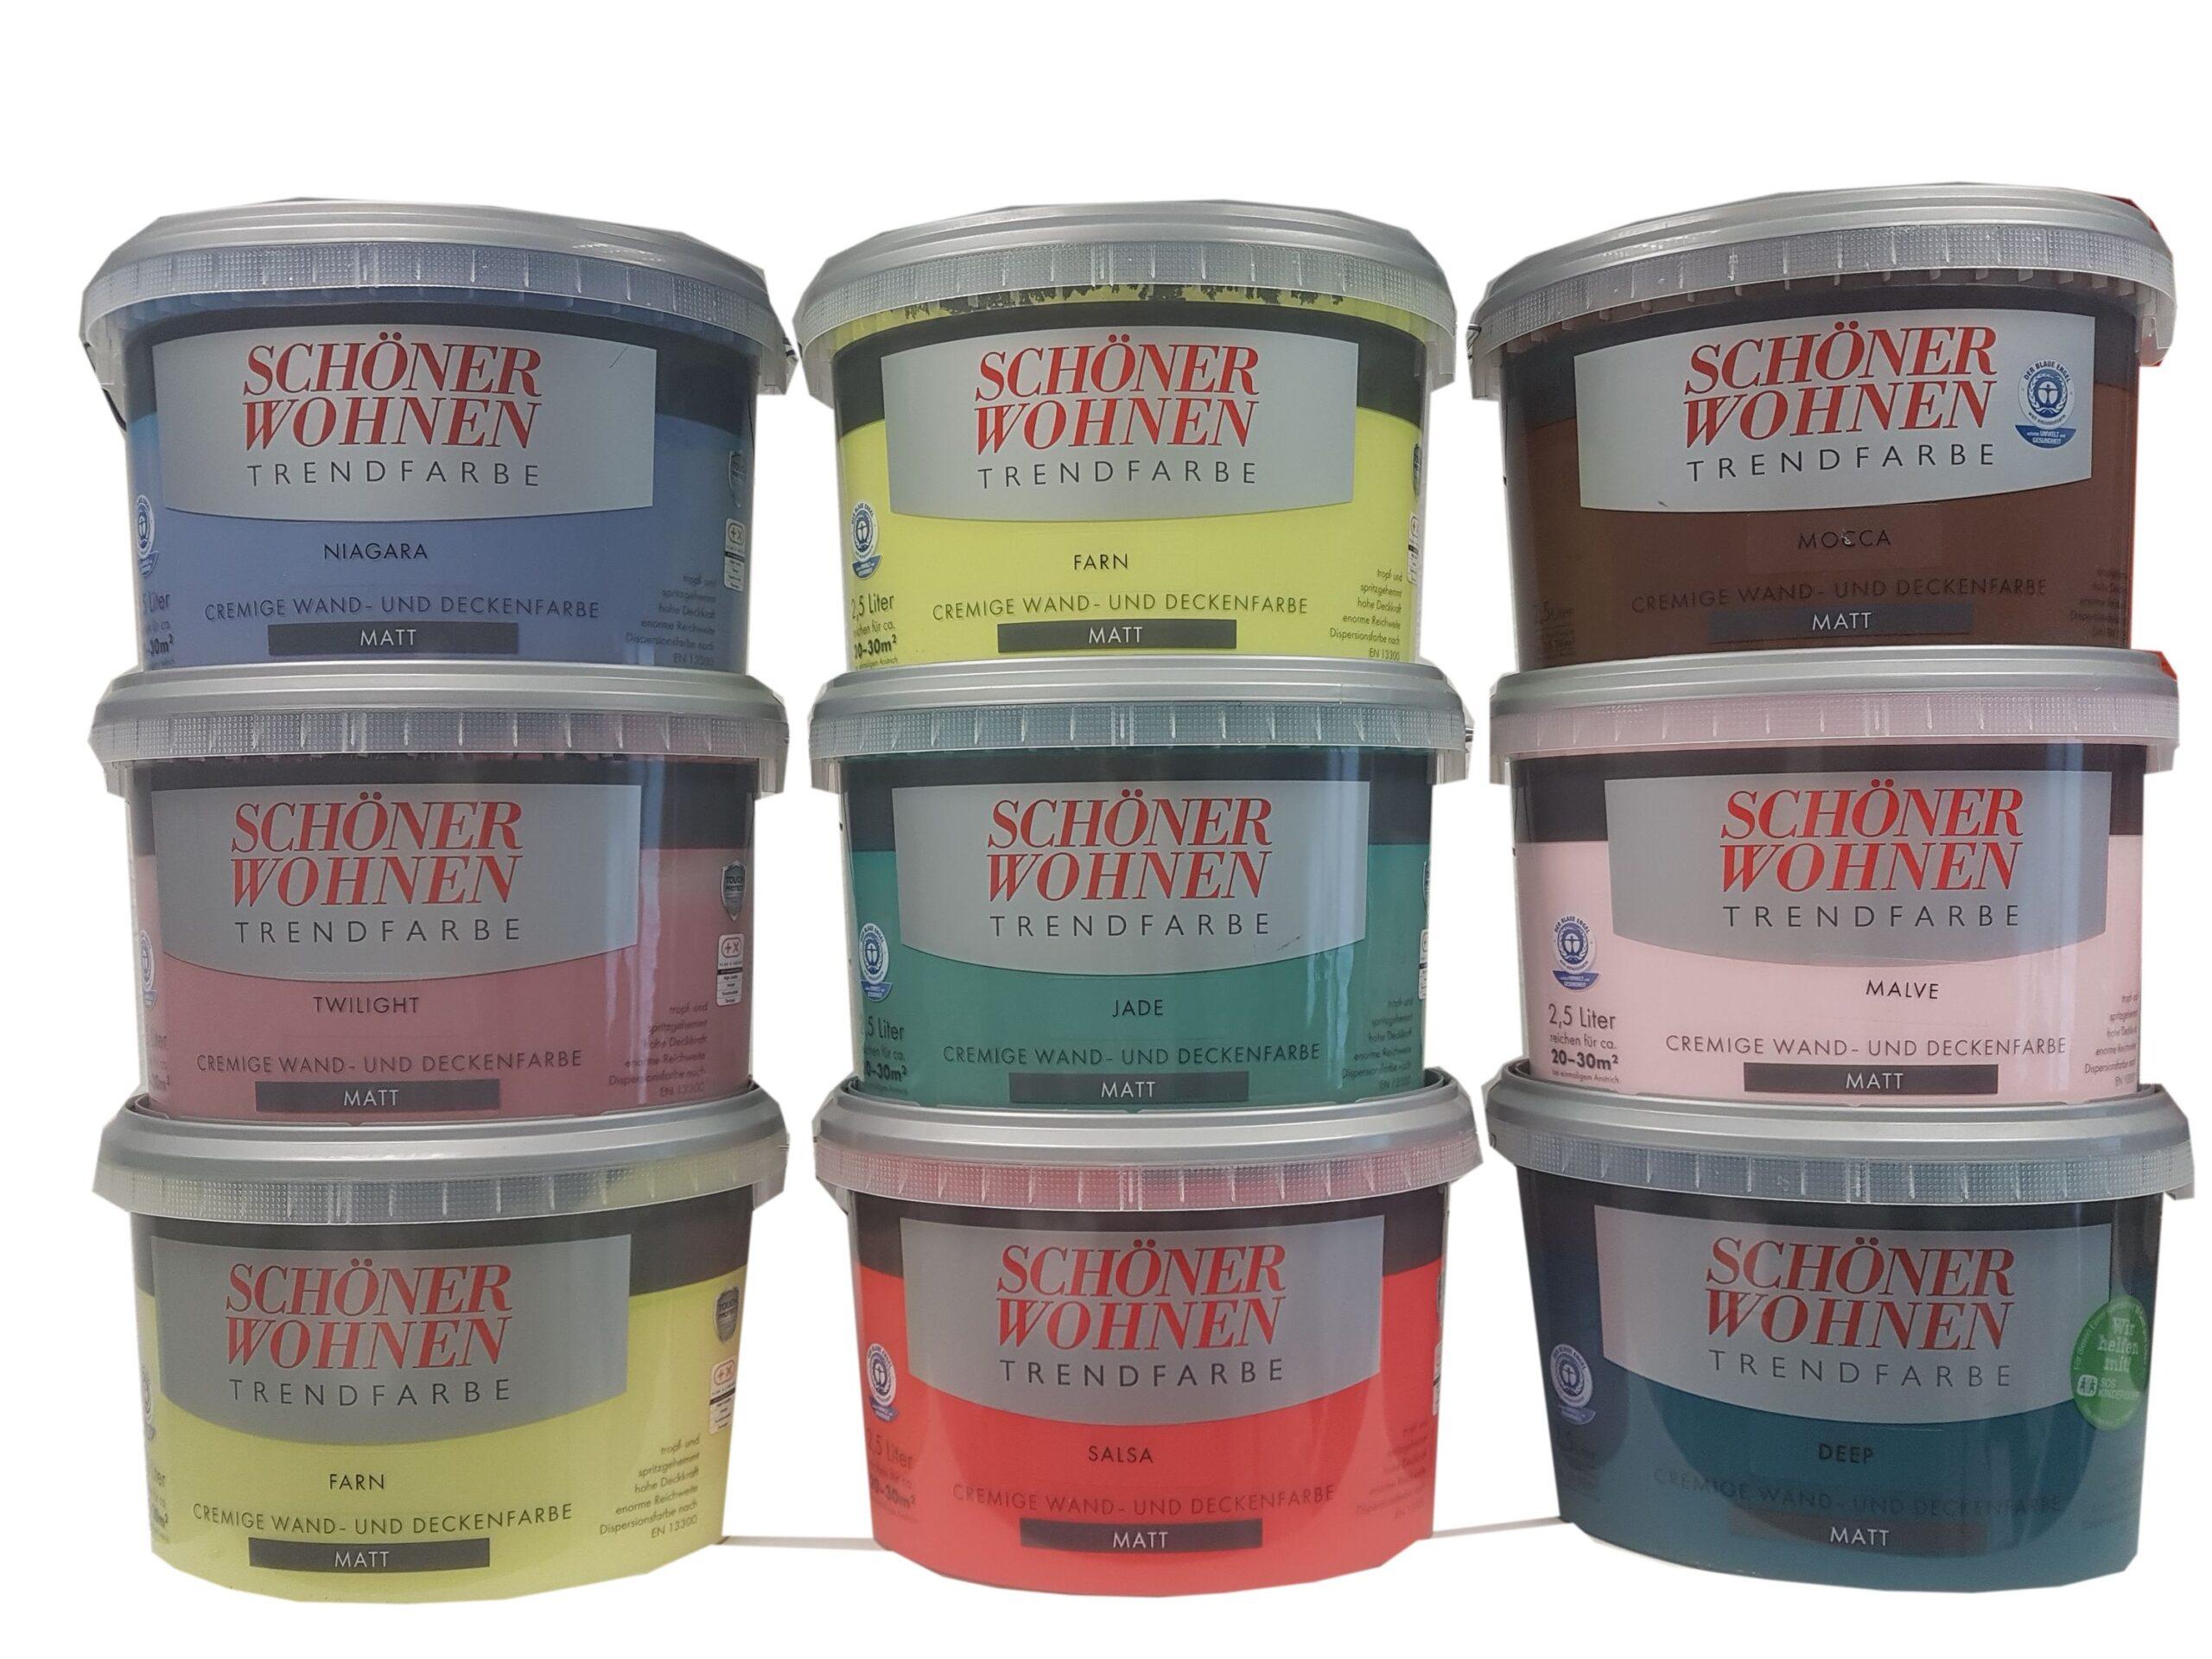 Full Size of Klapptisch Schner Wohnen Trendfarbe Cremige Wand Und Real Küche Garten Wohnzimmer Wand:ylp2gzuwkdi= Klapptisch